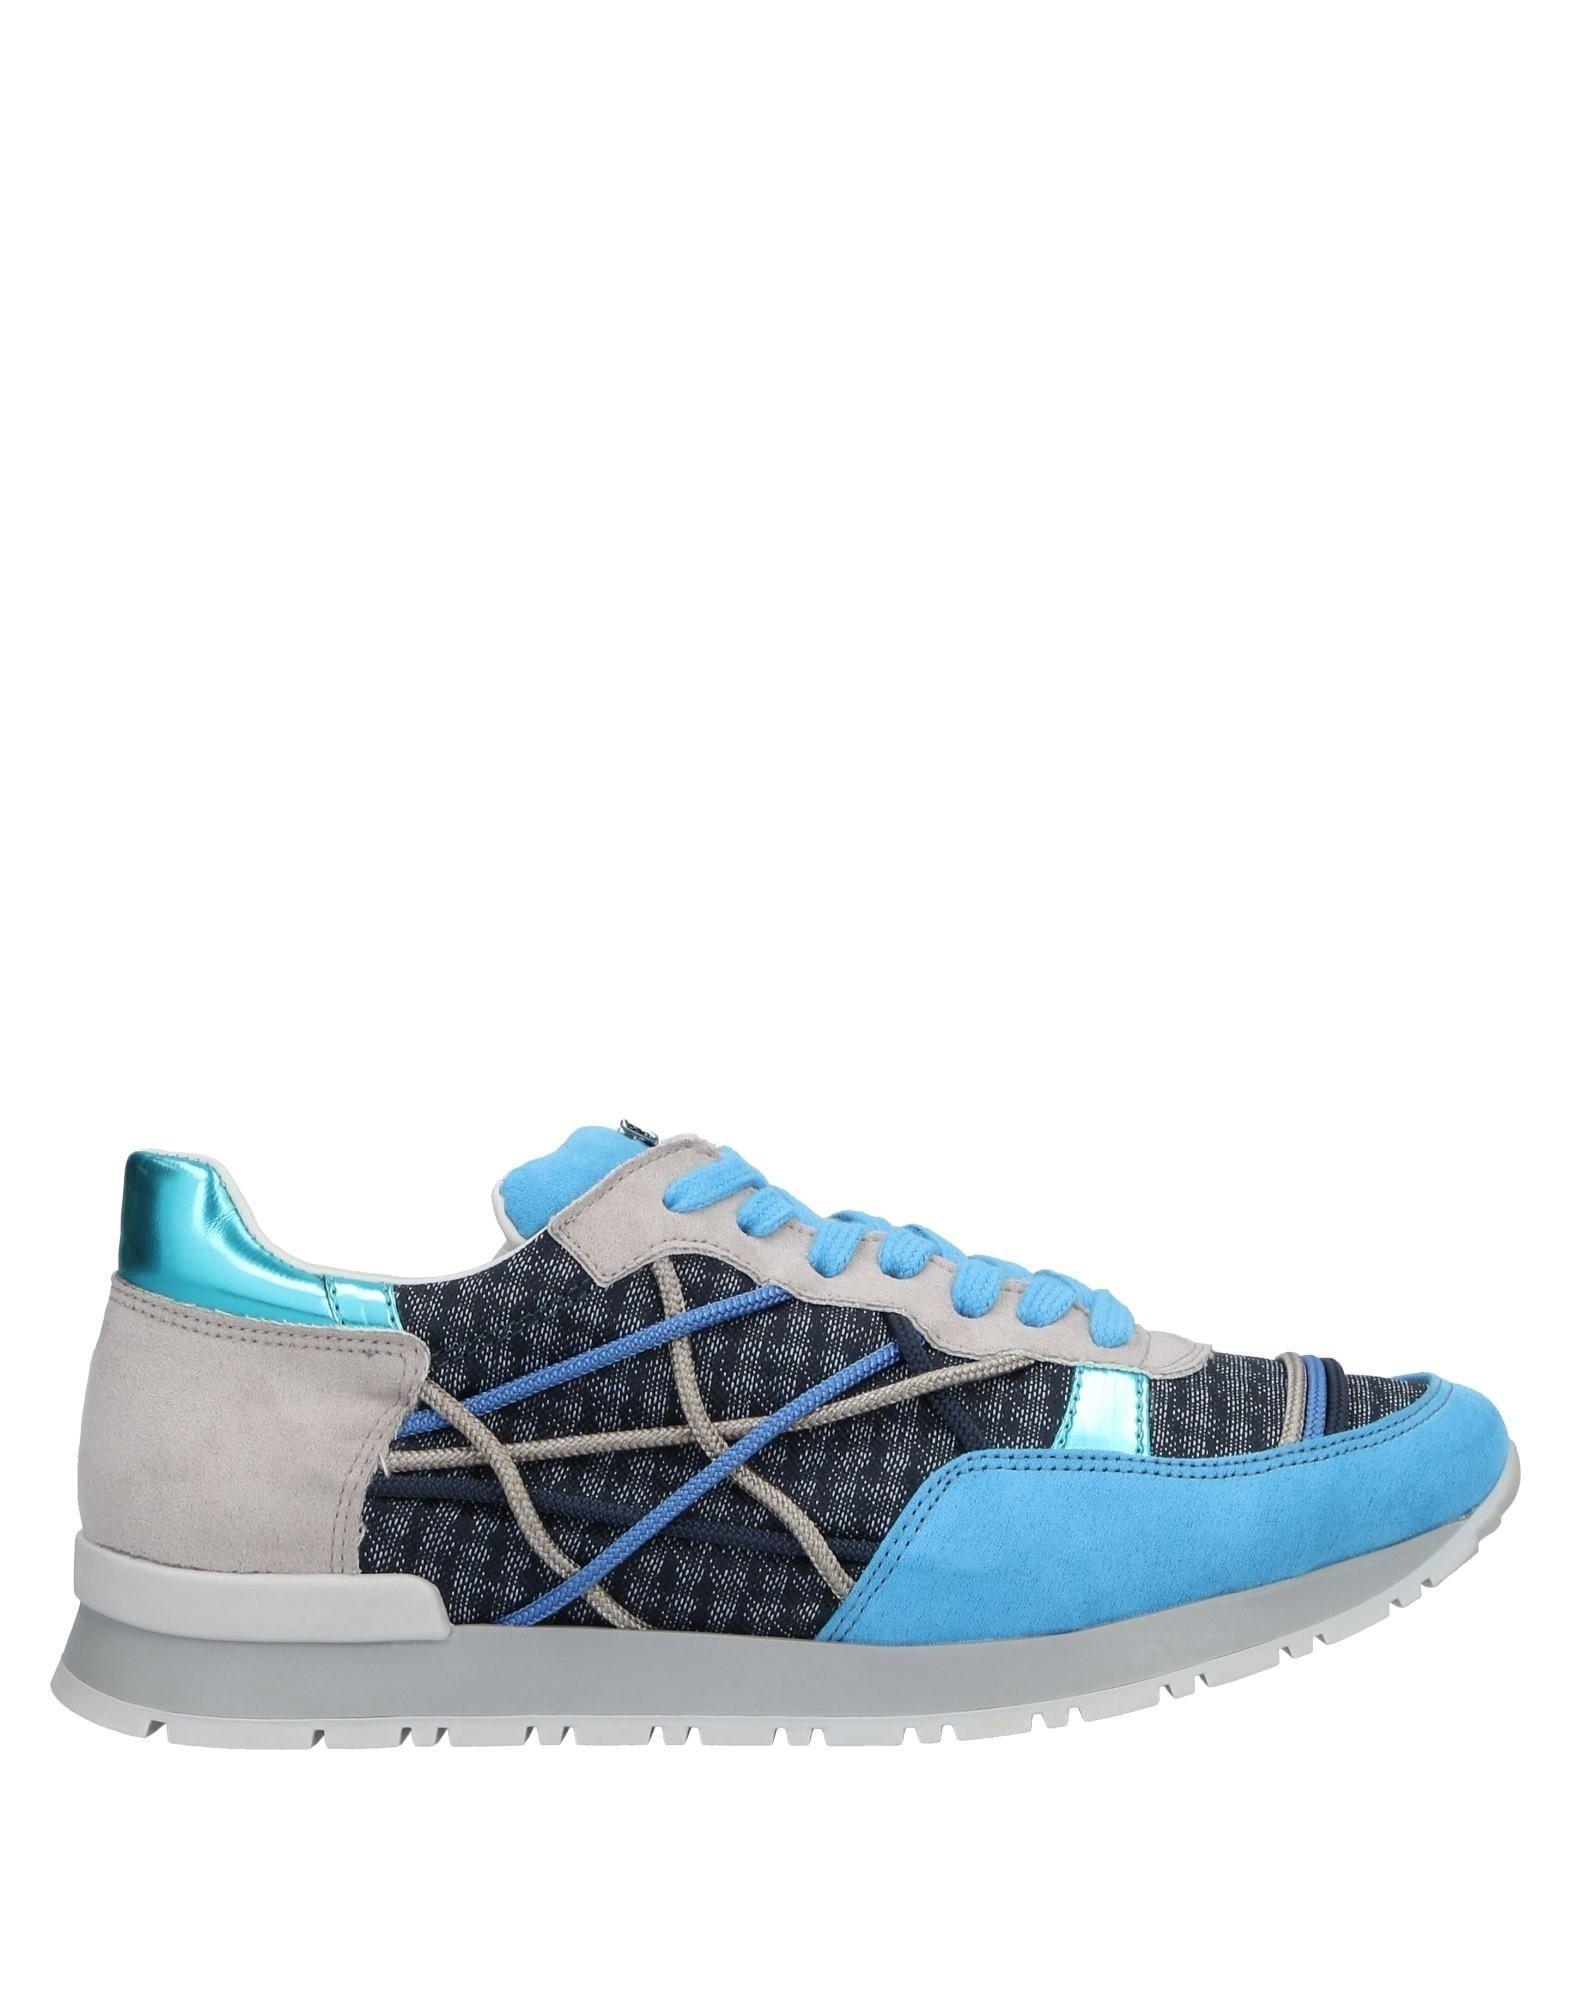 Scarpe economiche e resistenti Sneakers L4k3 Donna - 11502584BS